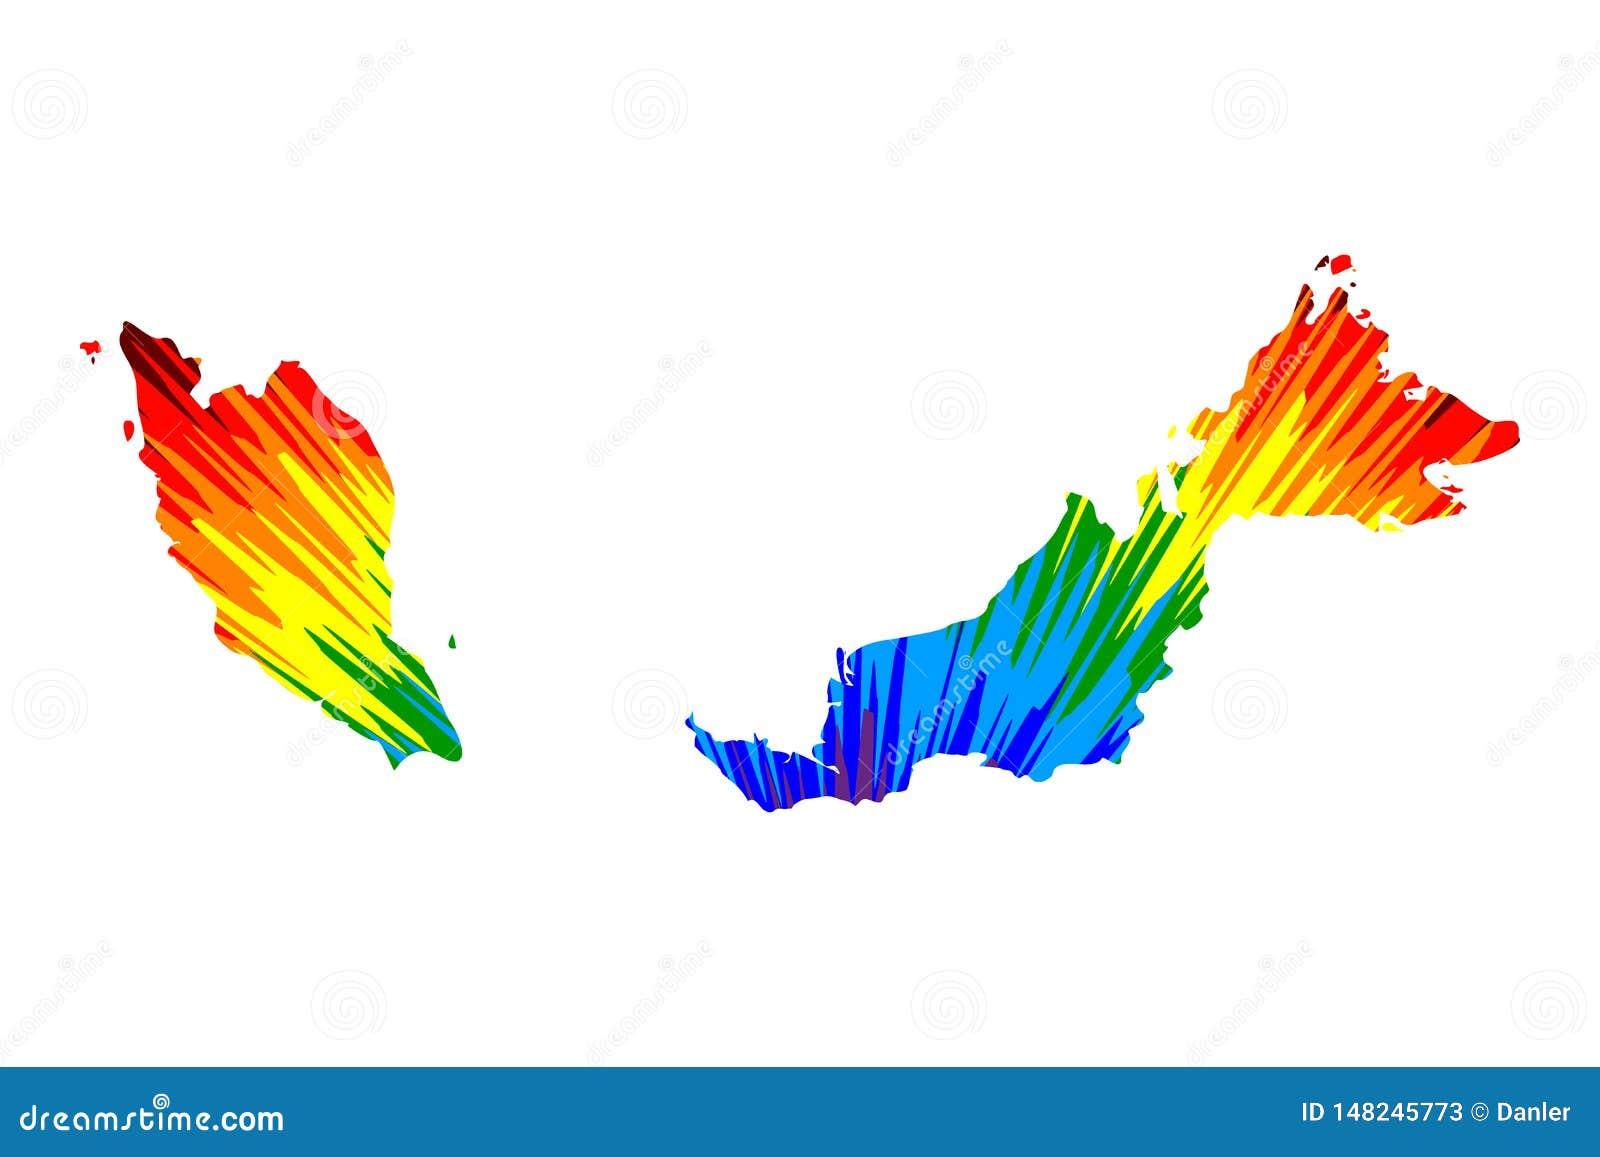 Malaysia - översikten är den planlagda abstrakta färgrika modellen för regnbågen, den Malaysia översikten gjorde av färgexplosion